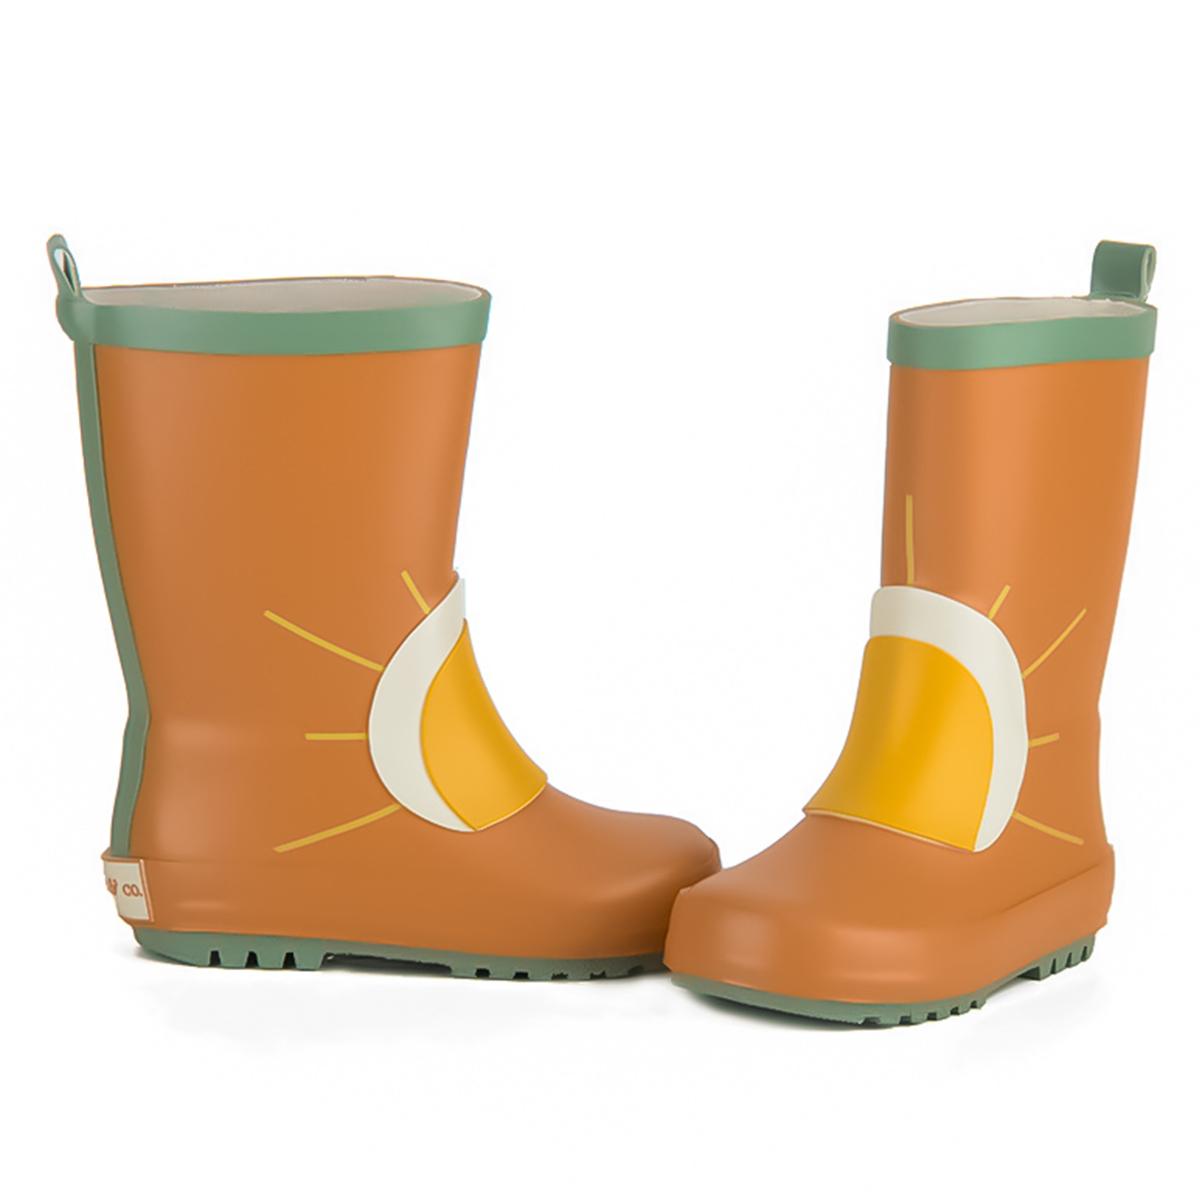 Chaussons & Chaussures Bottes de Pluie Rainbow Spice - 24 Bottes de Pluie Rainbow Spice - 24